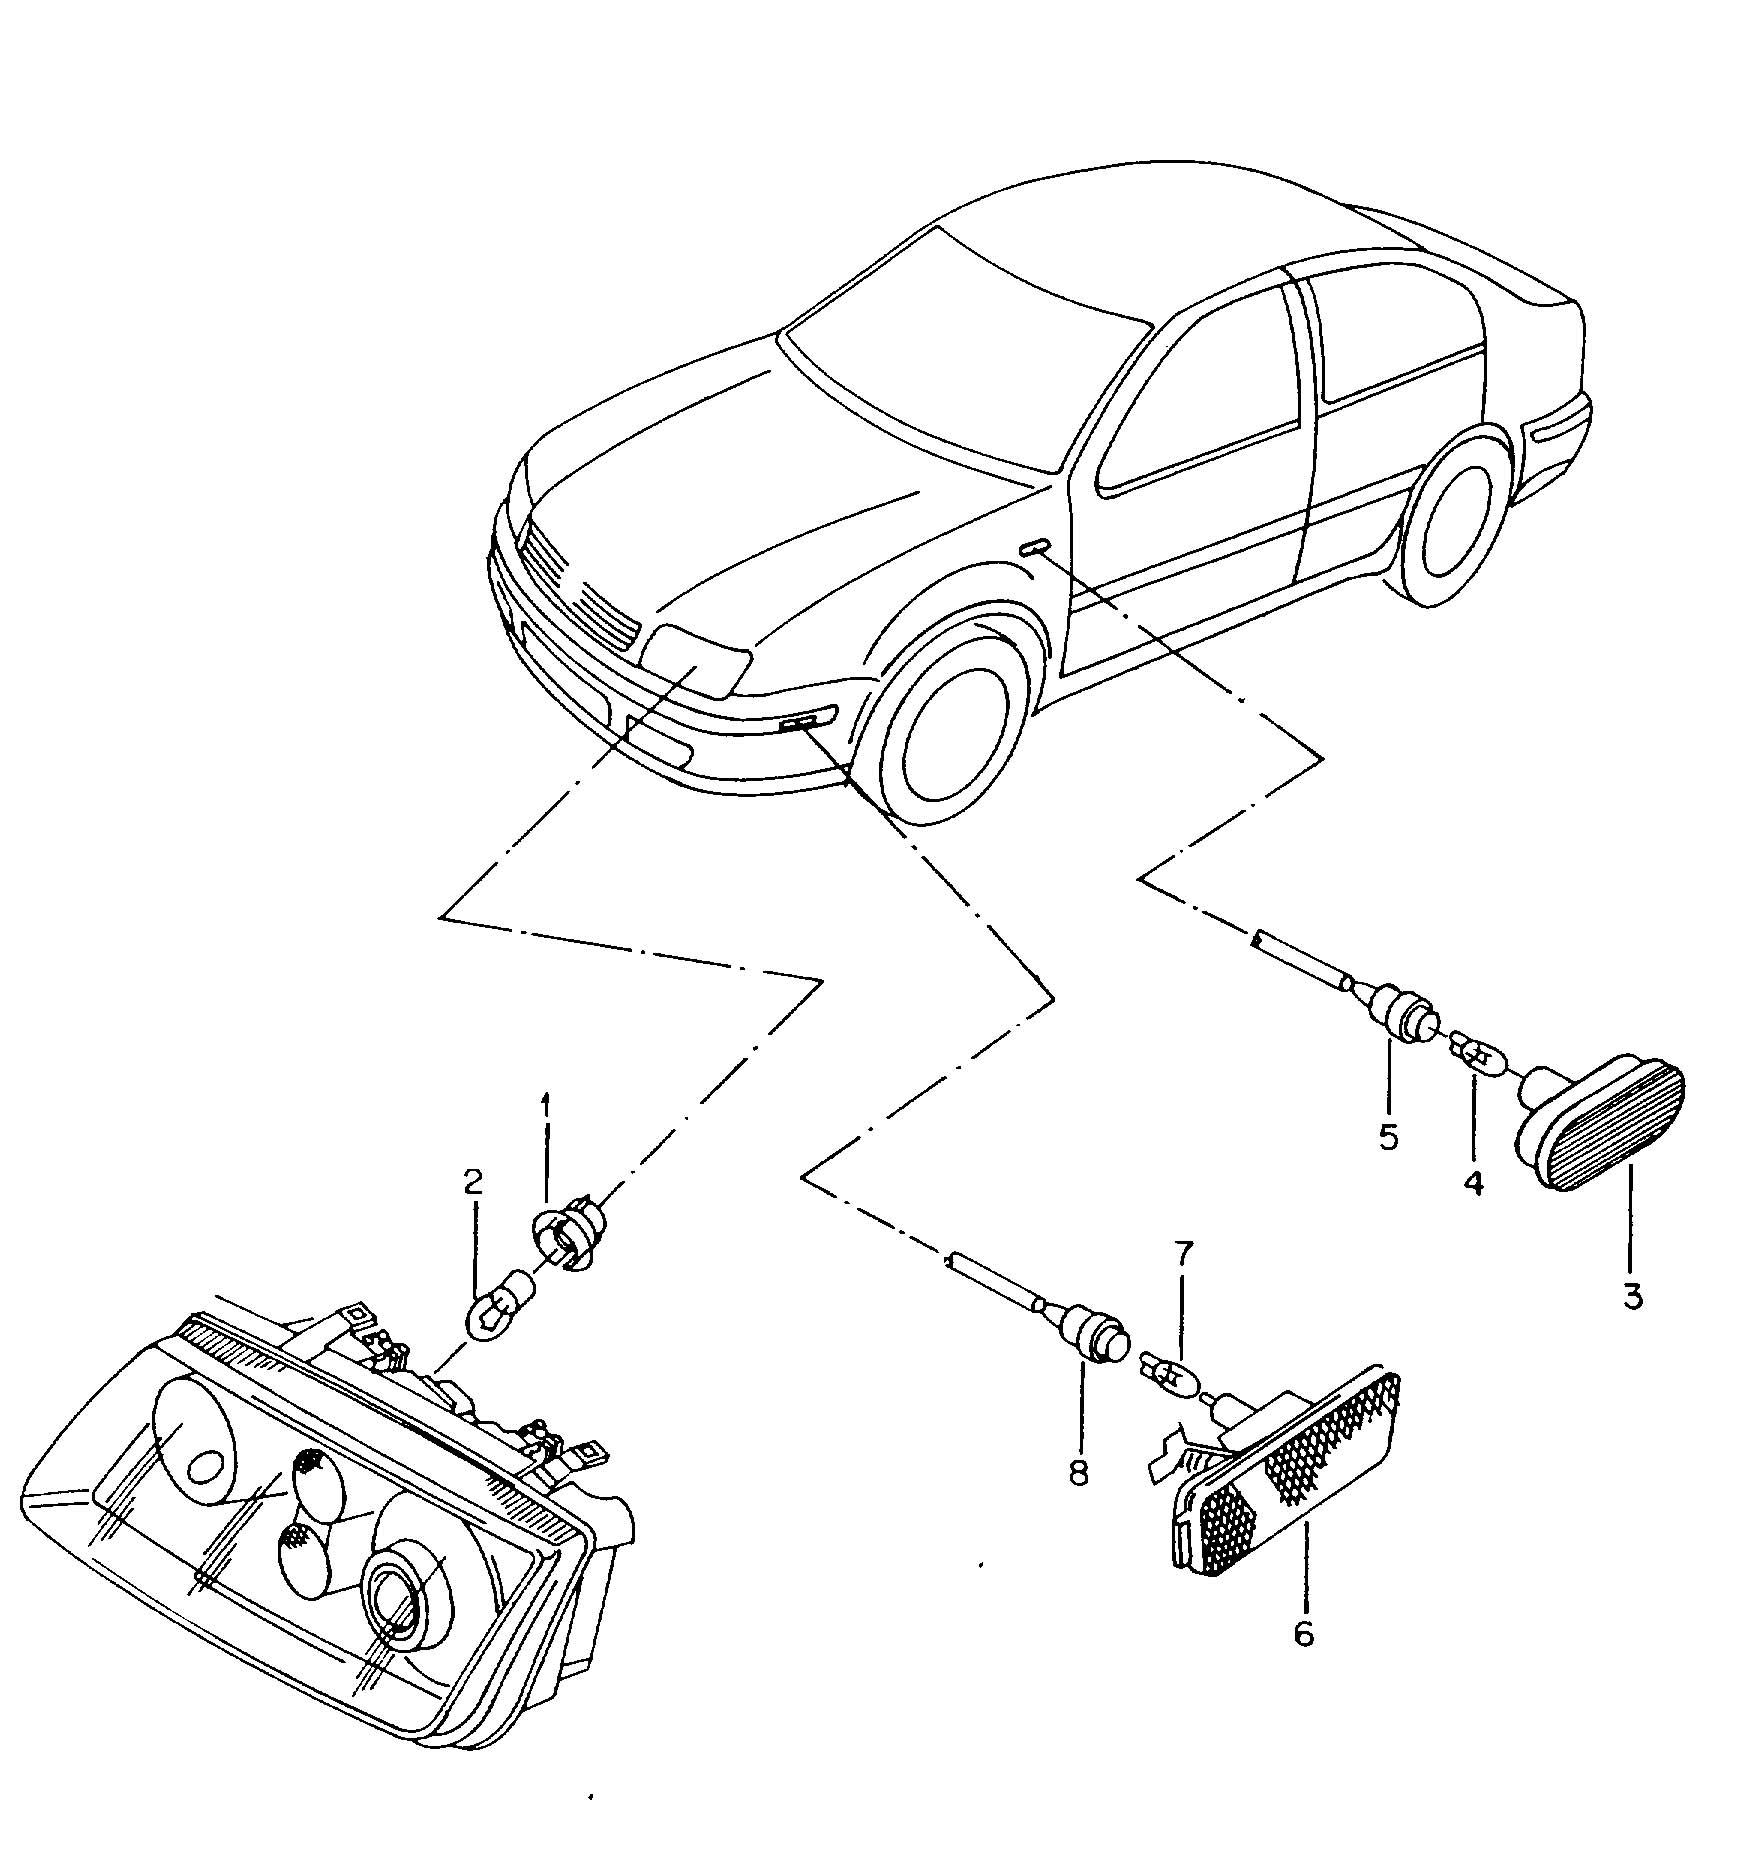 Volkswagen Jetta Variant Side marker light turn signal